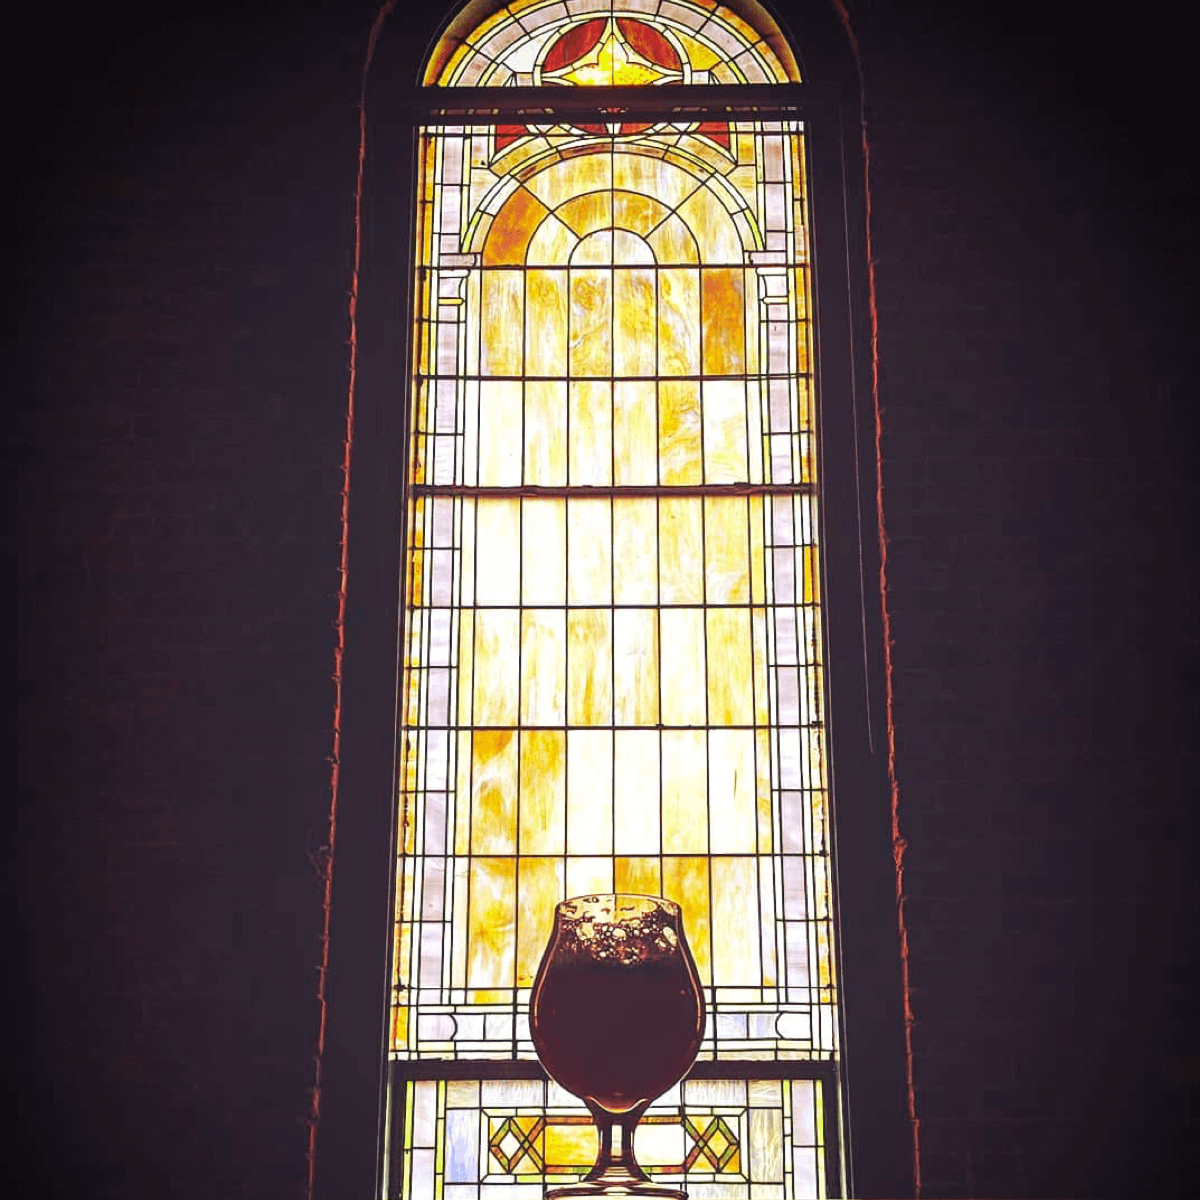 Un verre de bière face aux vitraux, une image qui fait penser à la prière de la bière - Crédit Photo : @sam_i_gram